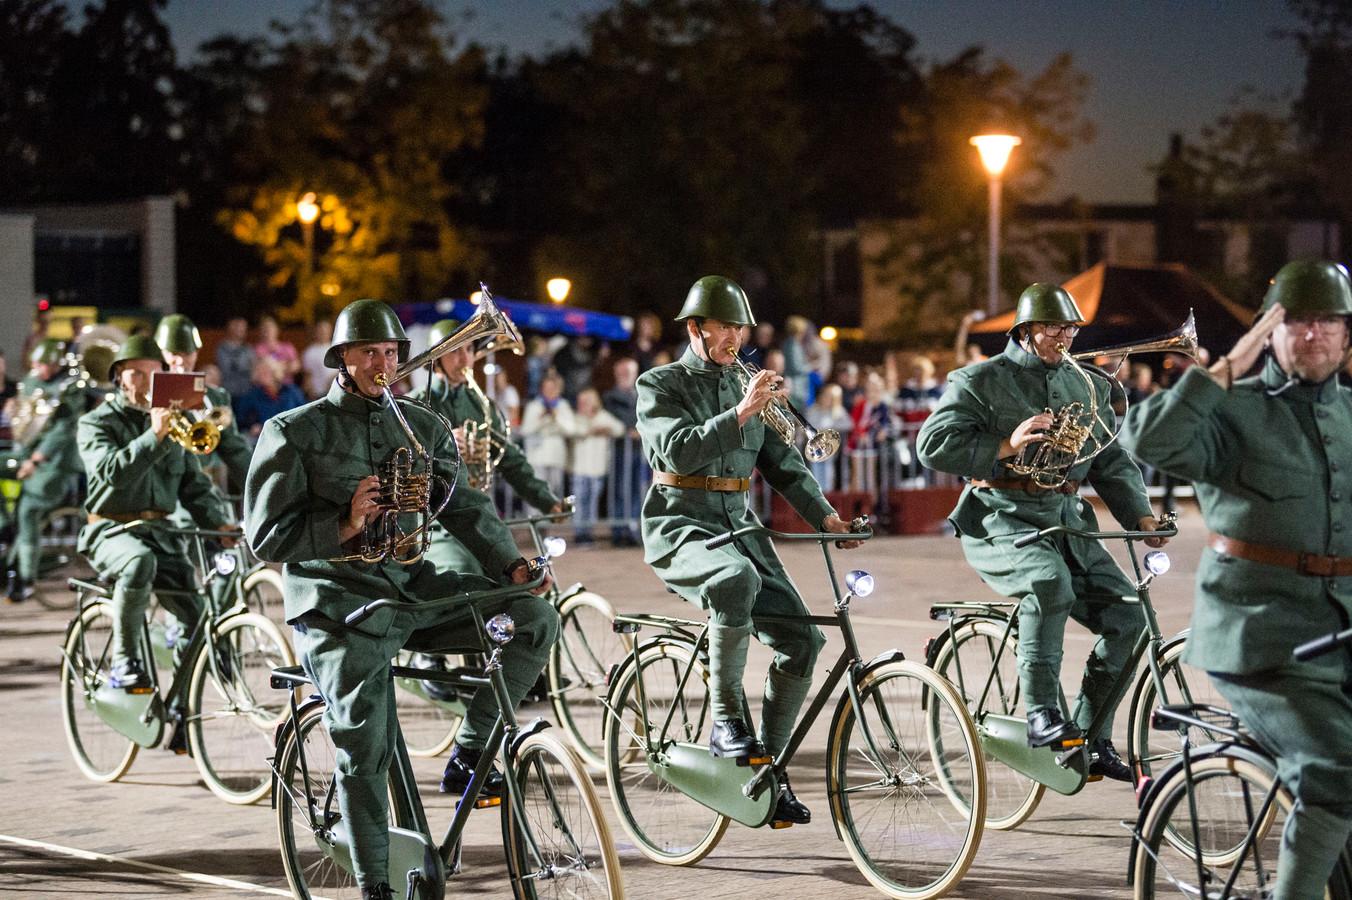 De regimentsfanfare Bereden Wapens van de Koninklijke Landmacht gaf een militair tintje aan de taptoe